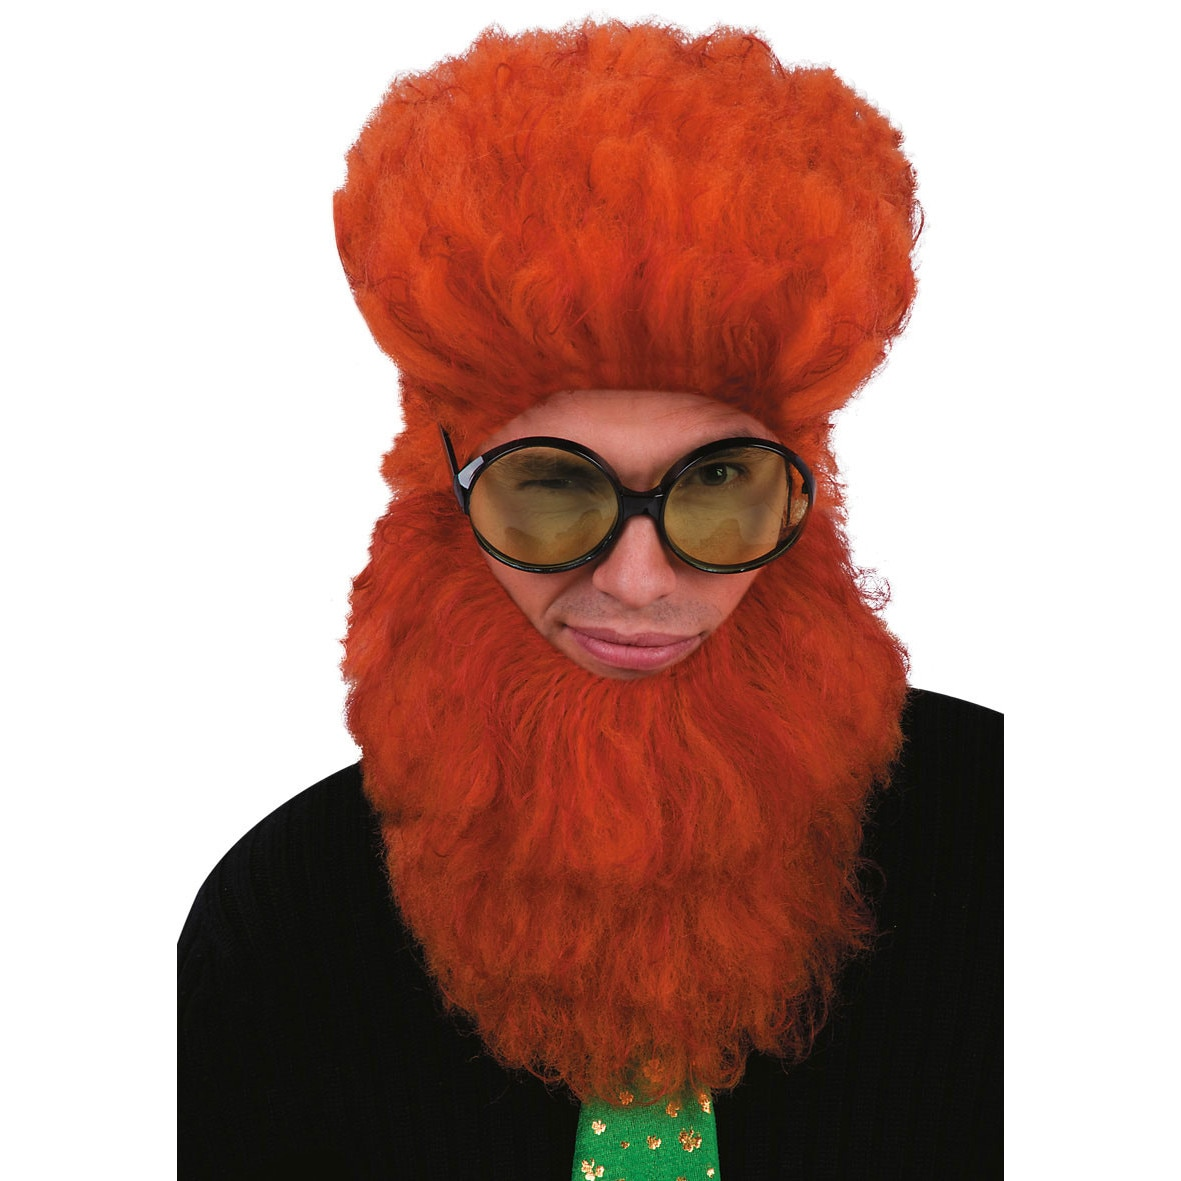 Cauta? i costumul de barba? i verzi caut un baiat pentru o noapte livada